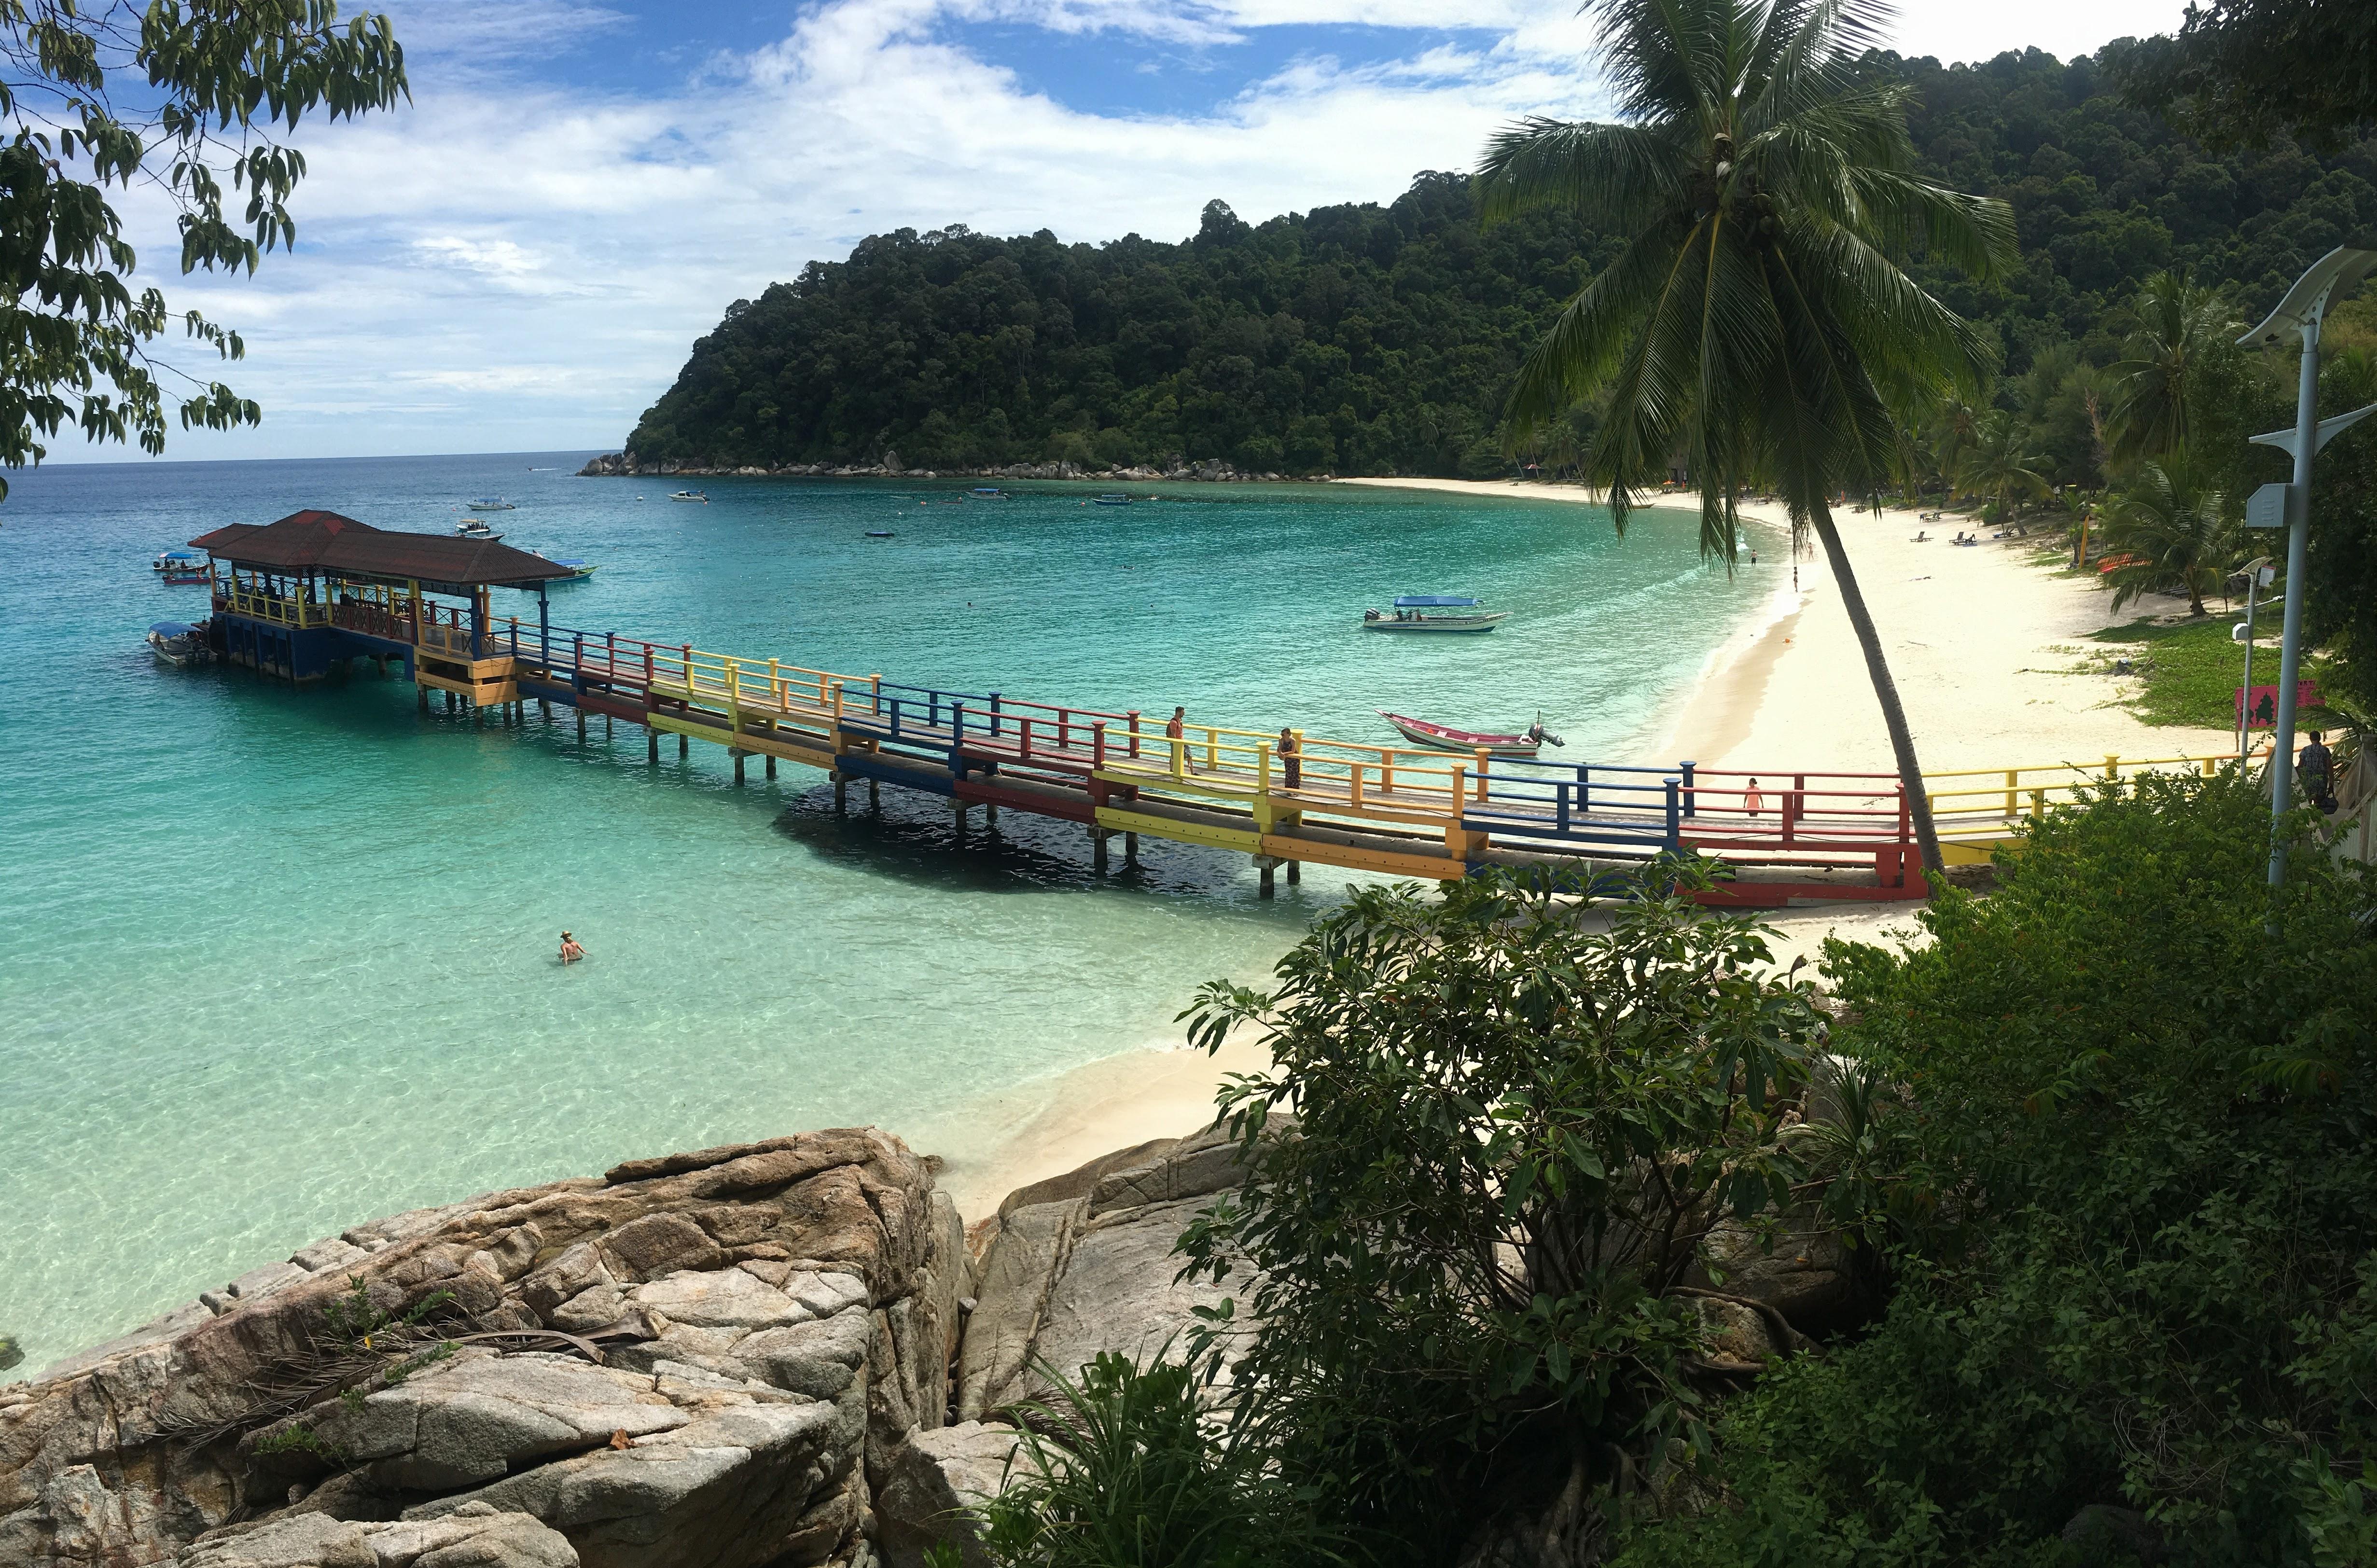 studer i malaysia hel kandidat